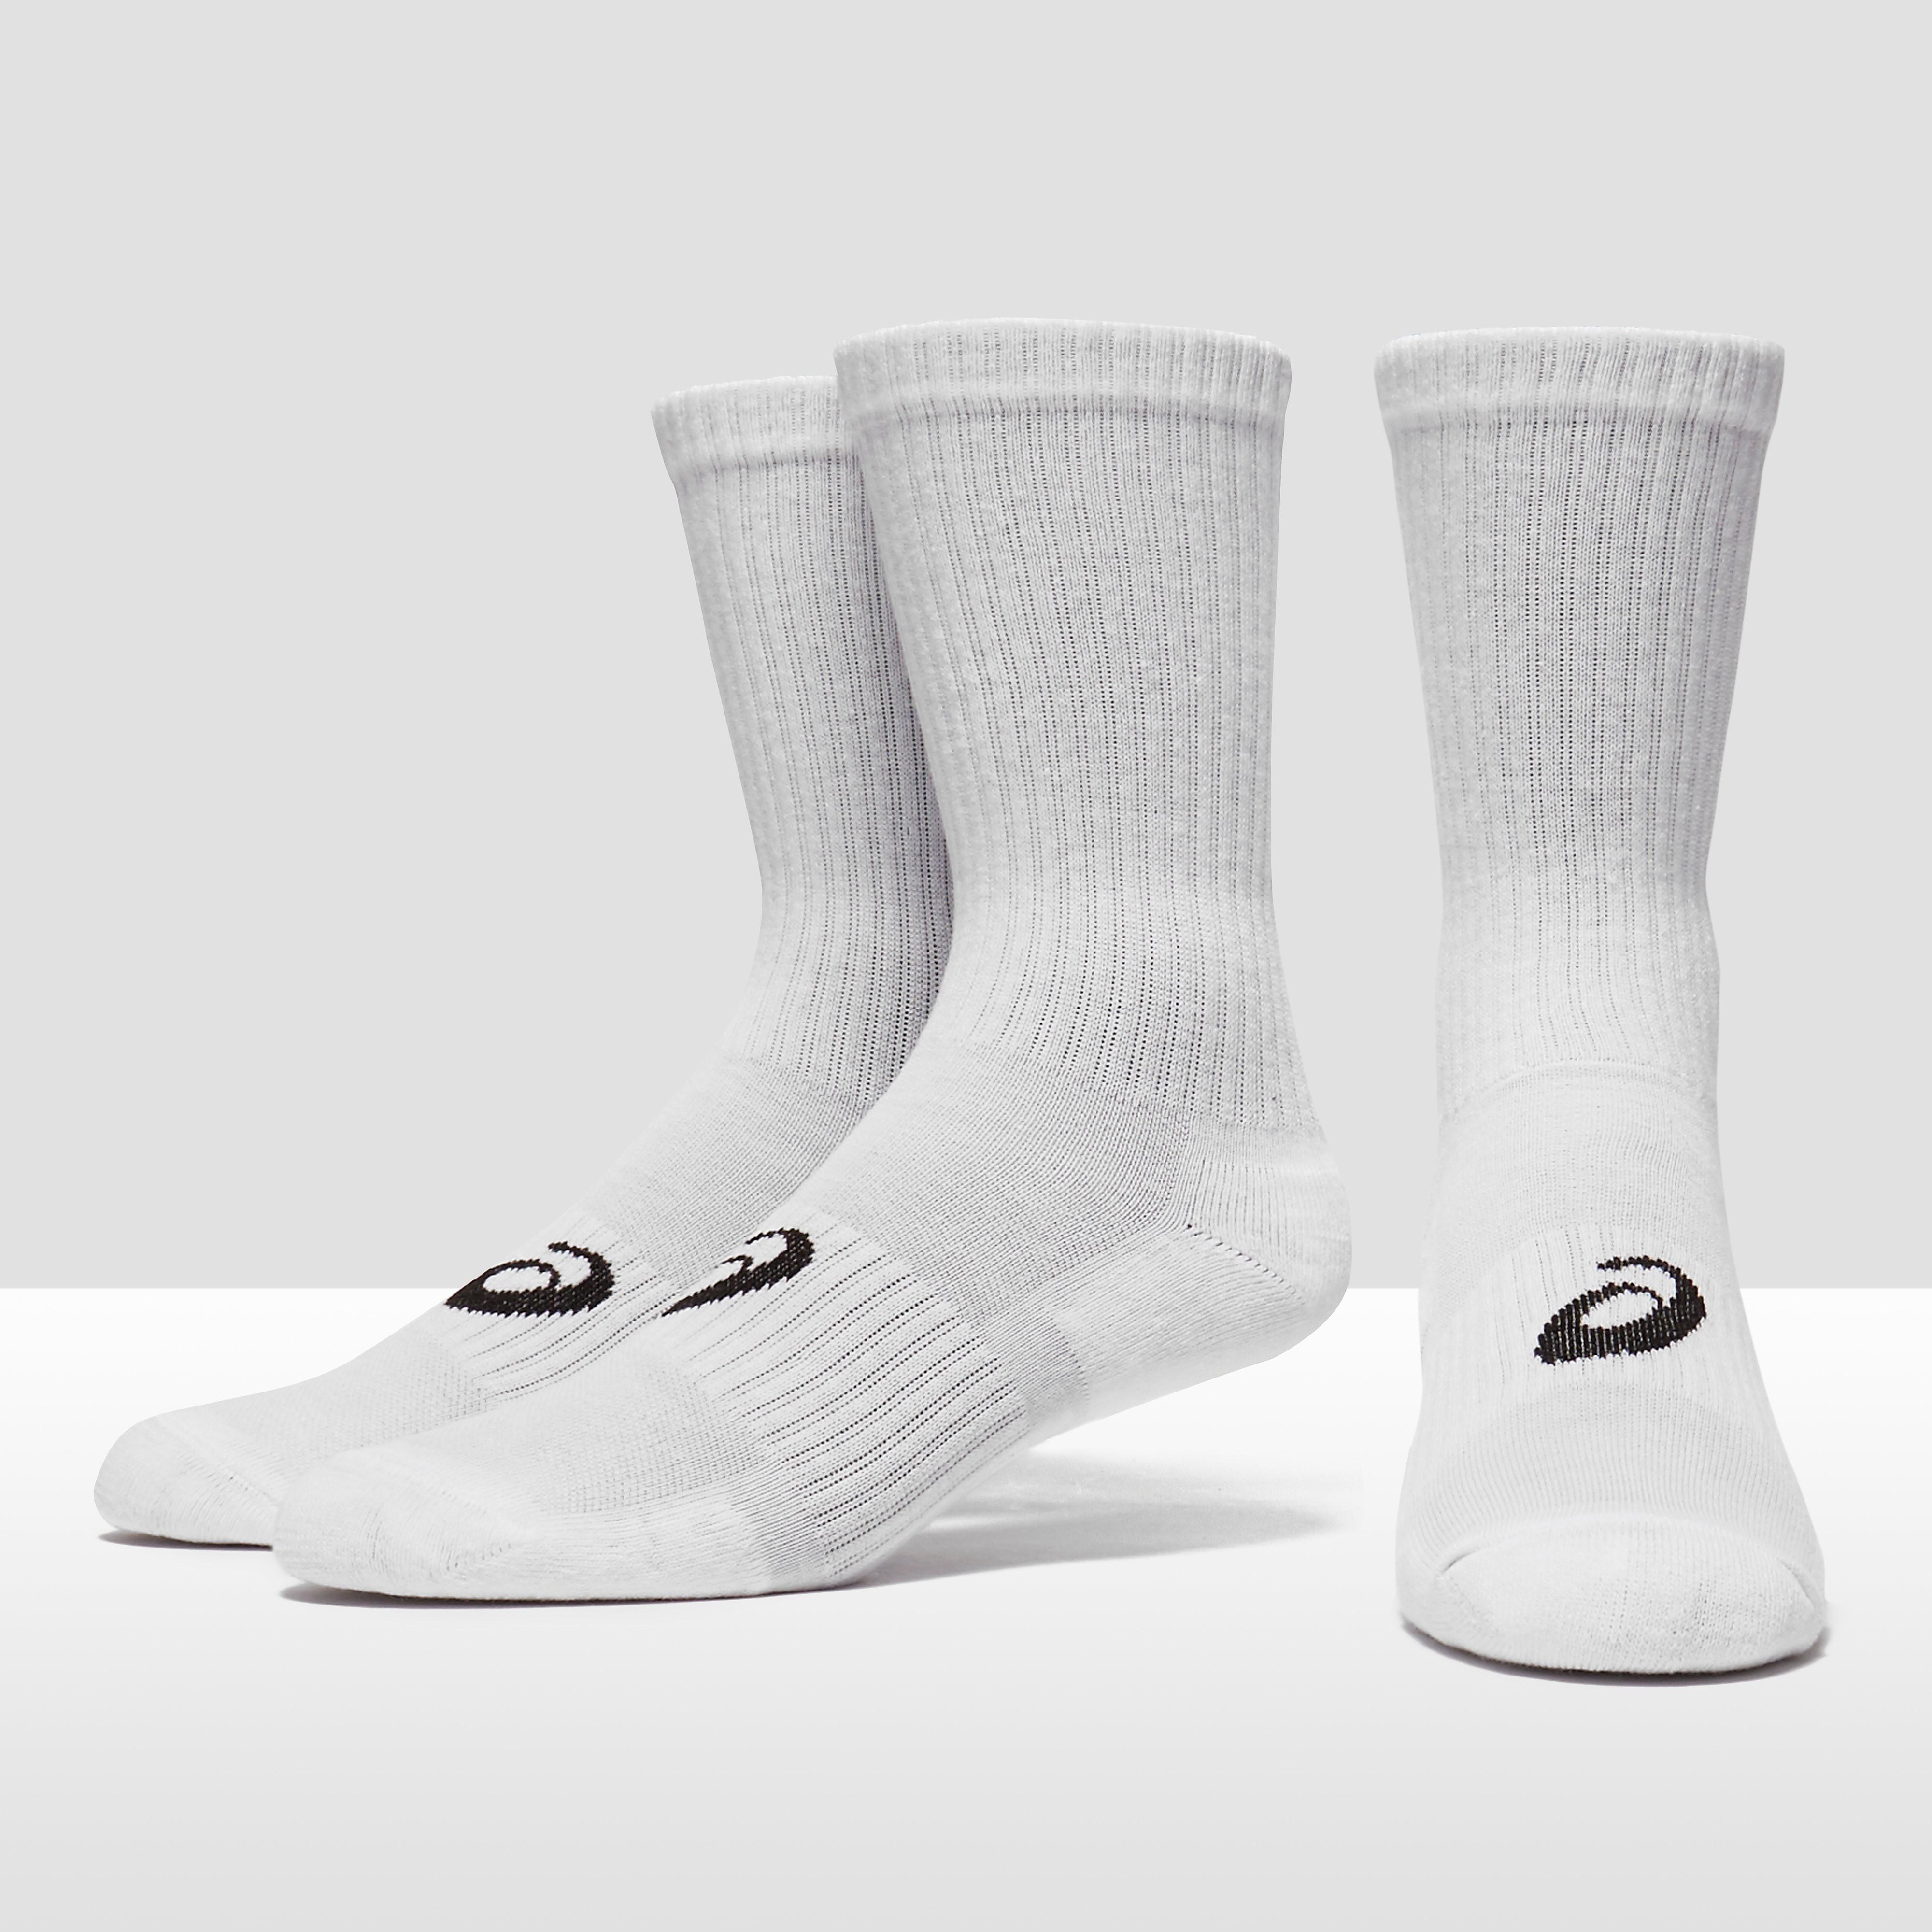 ASICS 6 Pack Crew Socks